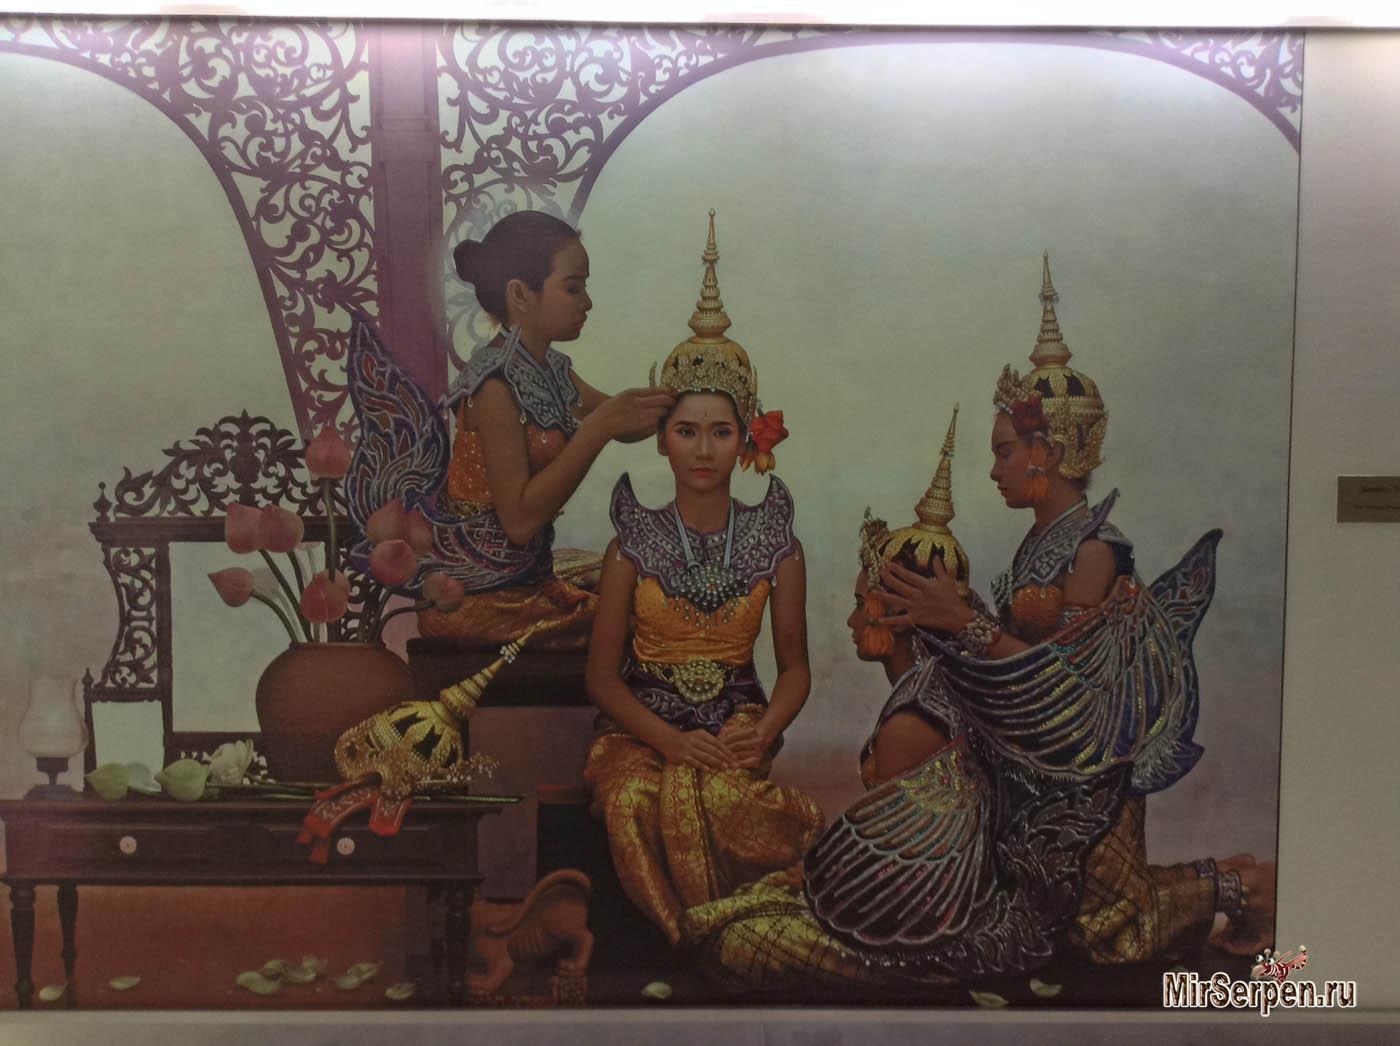 Правила поведения в Таиланде: Можно ли касаться головы тайцев